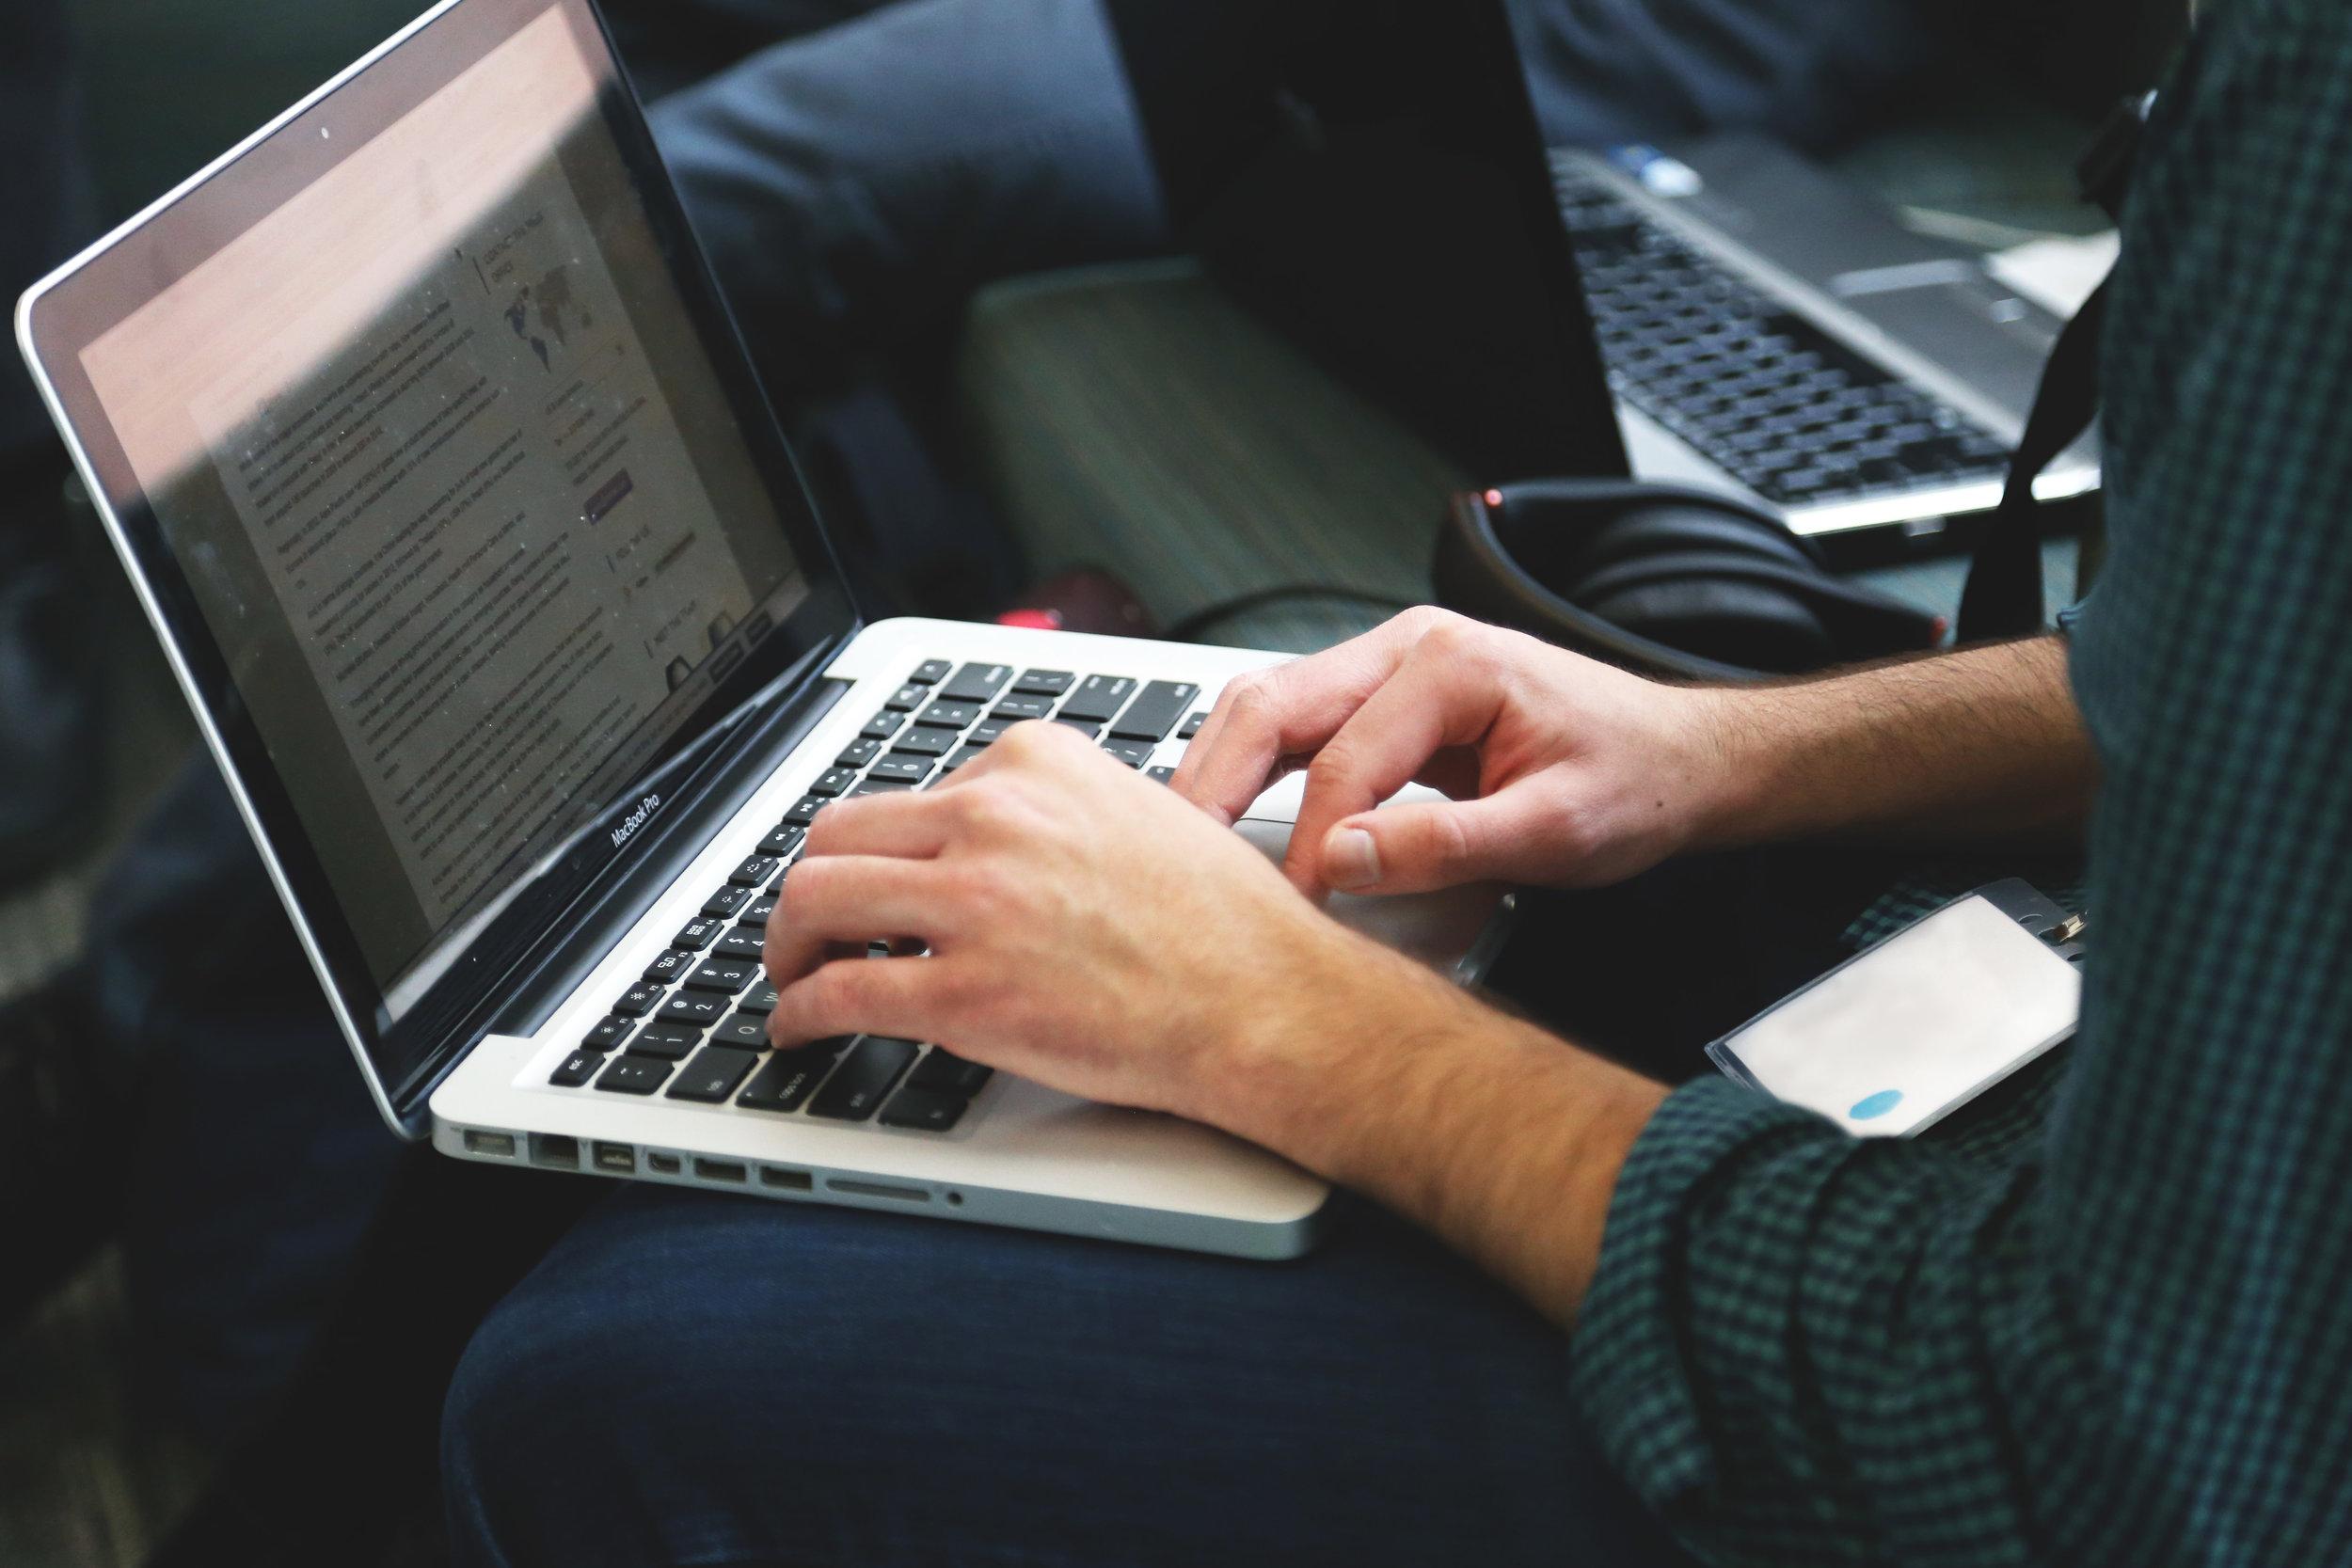 recruitment statistics laptop